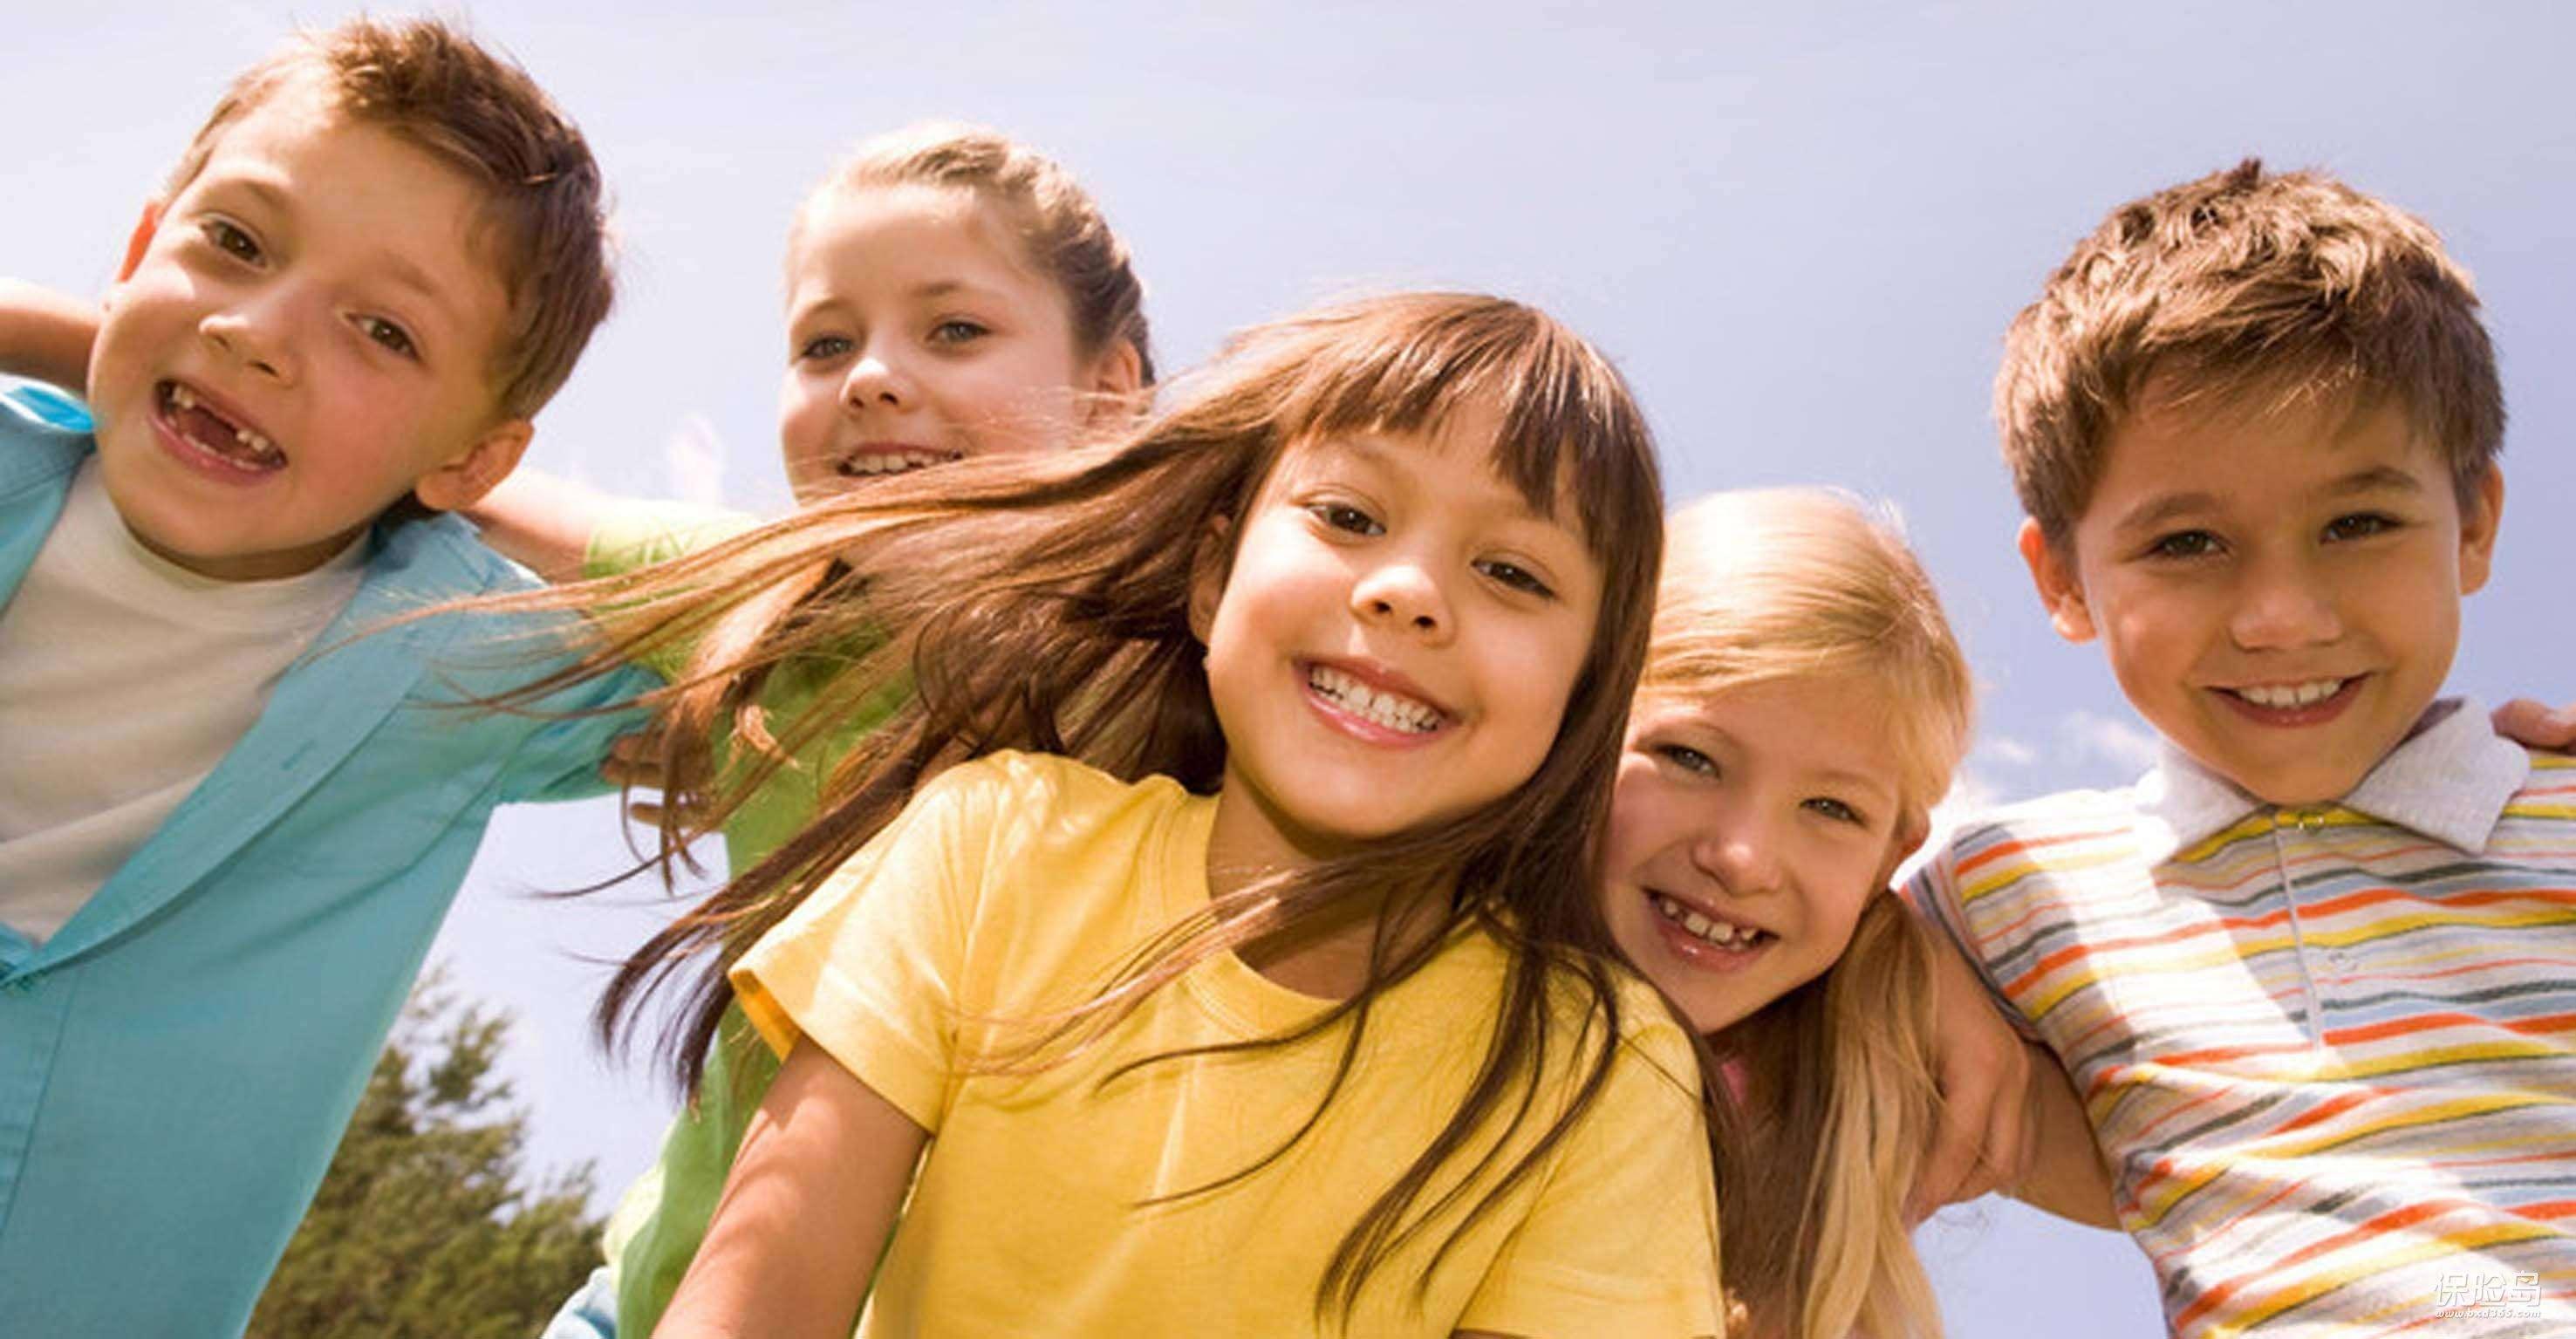 六一儿童节怎么给孩子买保险,家长必看